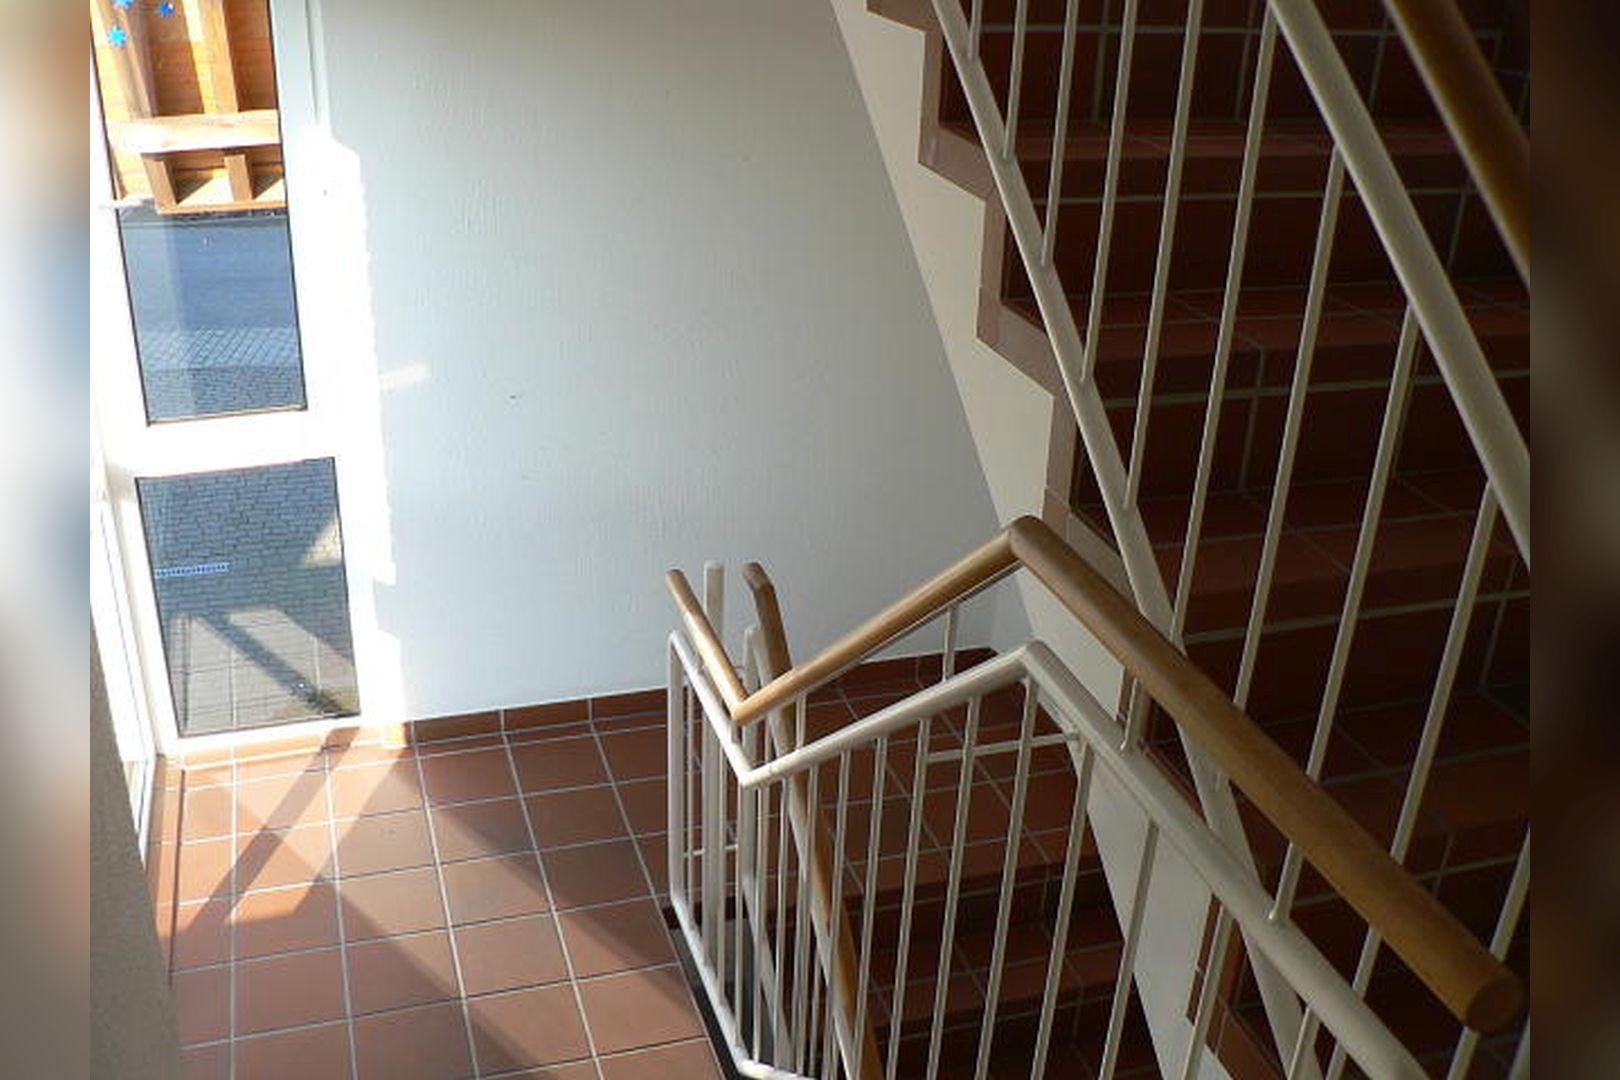 Immobilie Nr.0264 - großzügige Vier-Raum-Wohnung mit Riesenkellerraum für Hobby etc. - Bild 16.jpg